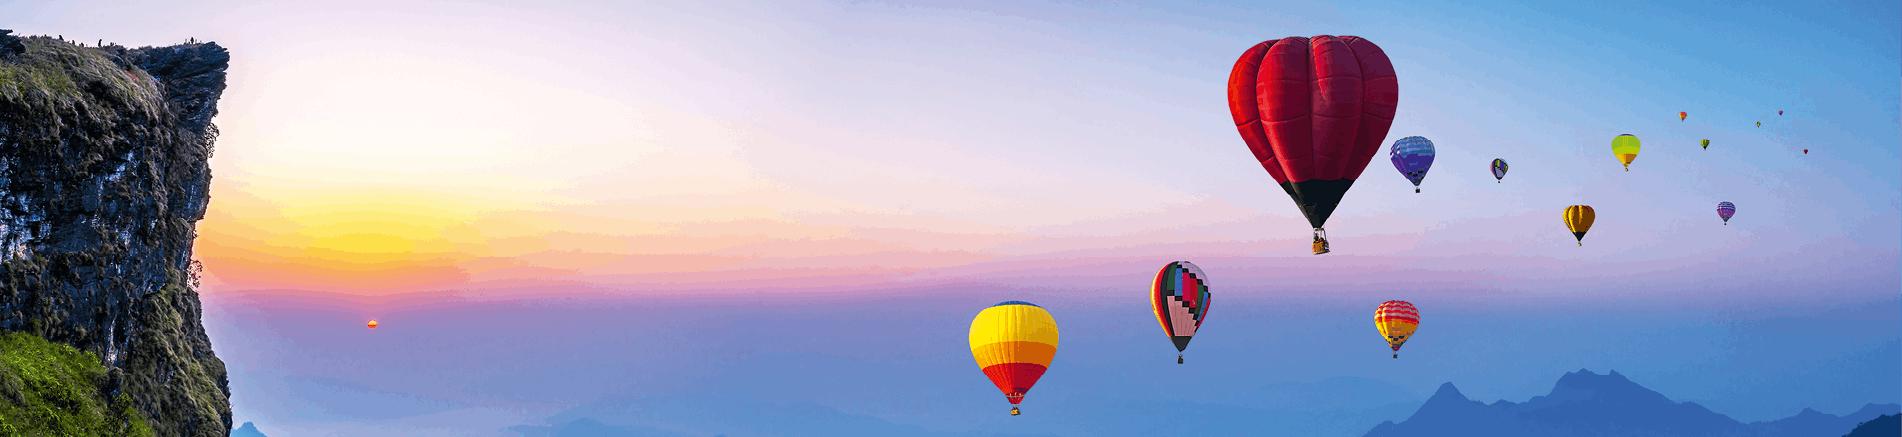 Caractéristiques de la montgolfière